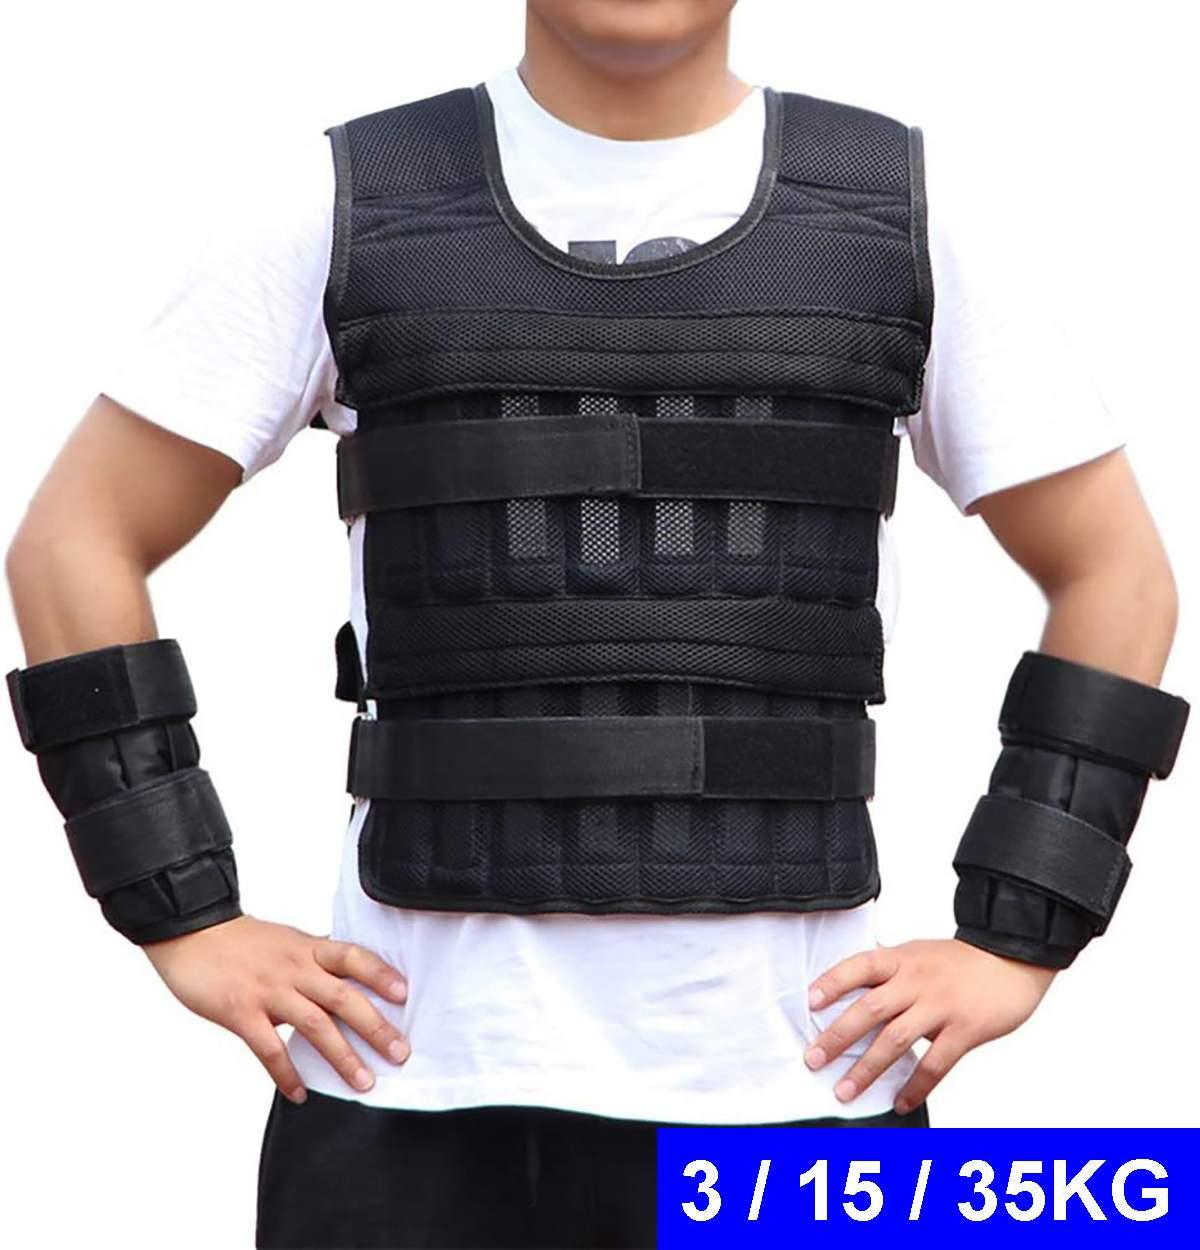 3/15/35 кг нагрузка вес ed жилет куртка нагрузка вес жилет упражнения для бокса обучение фитнес оборудование для бега|Аксессуары|   | АлиЭкспресс